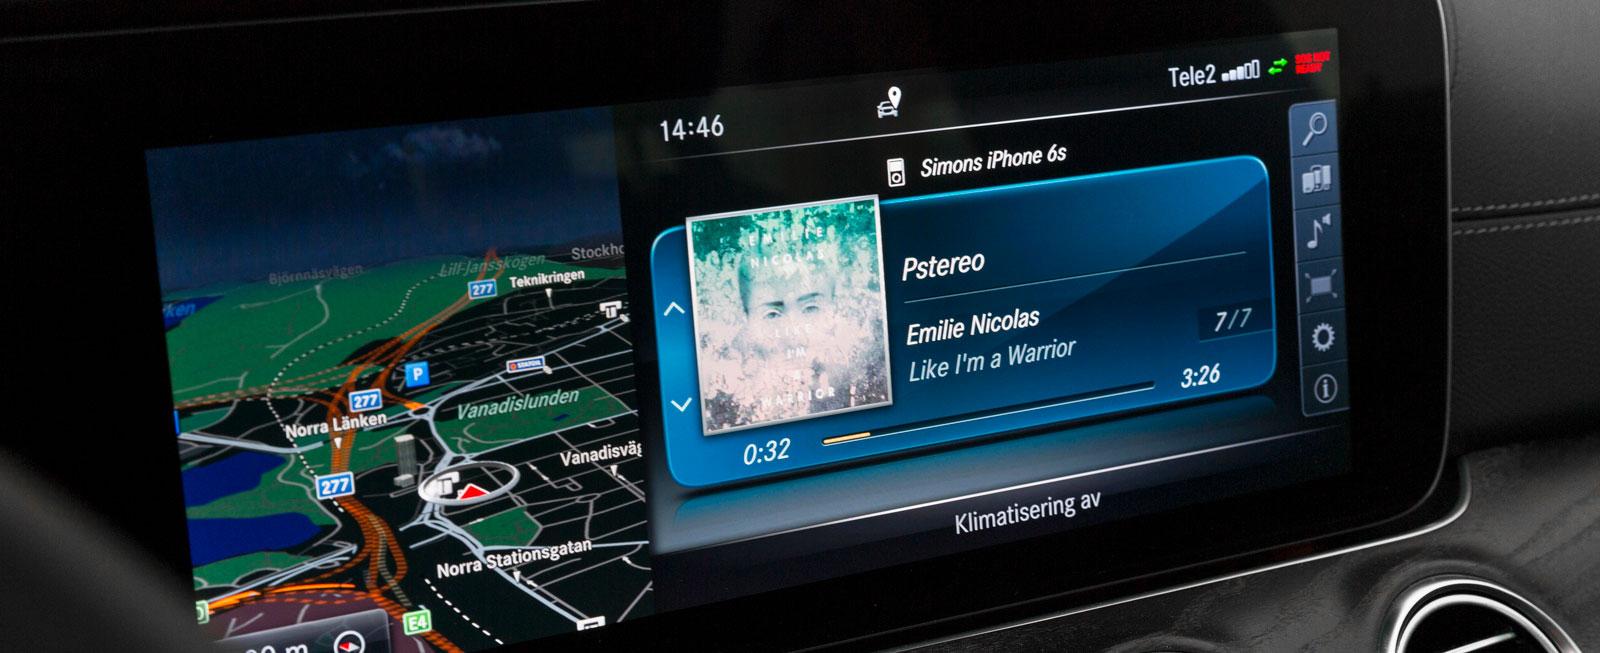 Mercedes har testets största medieskärm(ar). Systemet är både innehållsrikt och smidigt att sköta, antingen via mittkonsolens reglage eller rattens touch-knappar.